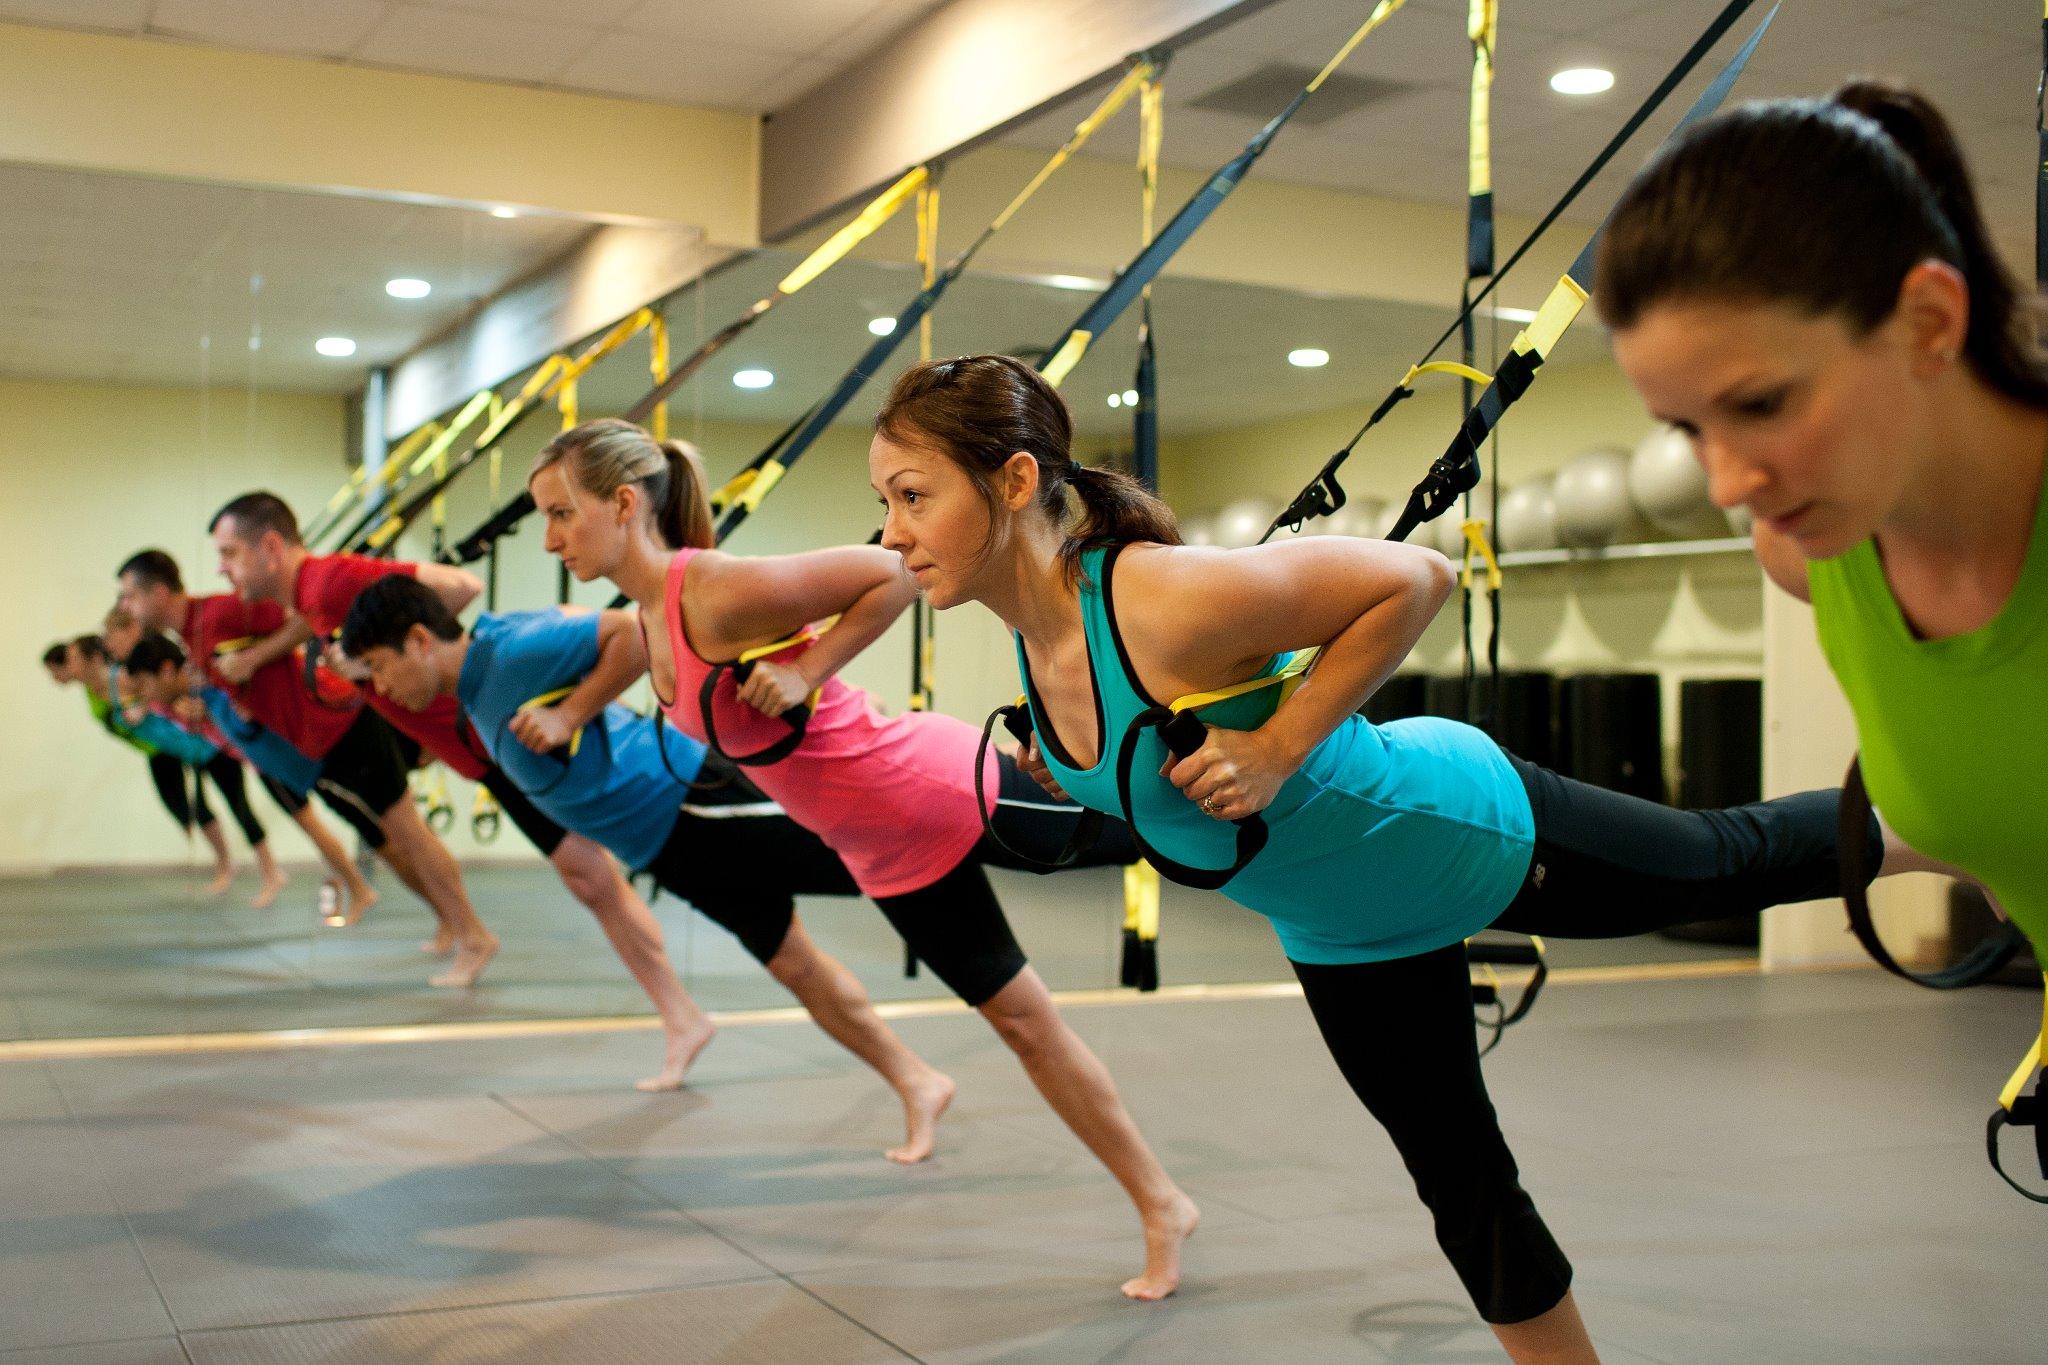 Những lưu ý khi mua và sử dụng dây kháng lực tập gym